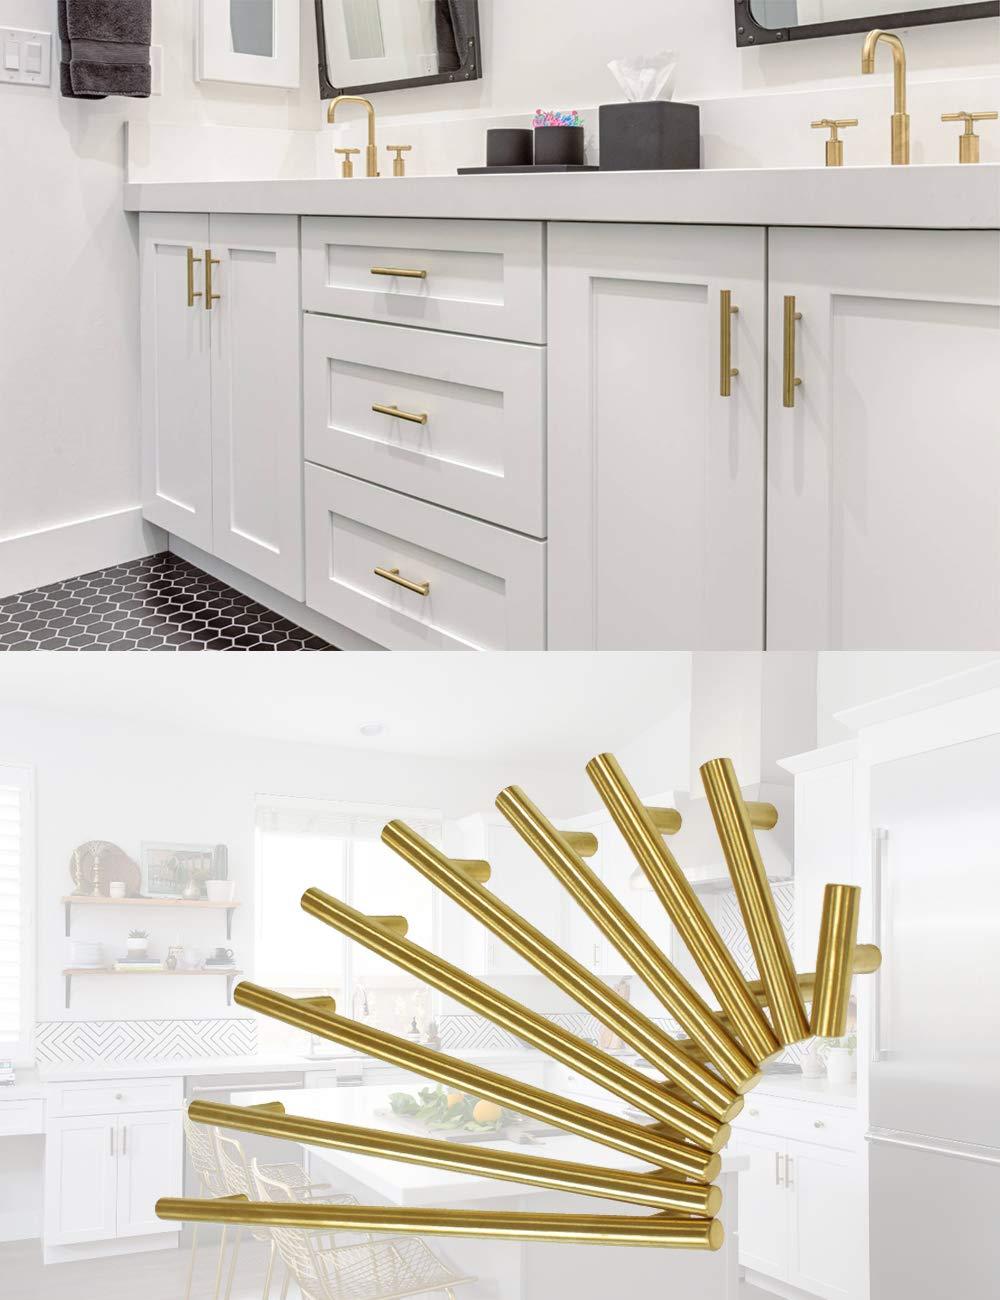 PinLin Tiradores de puerta de cocina dorado lat/ón dorado, acero inoxidable, incluye tornillos